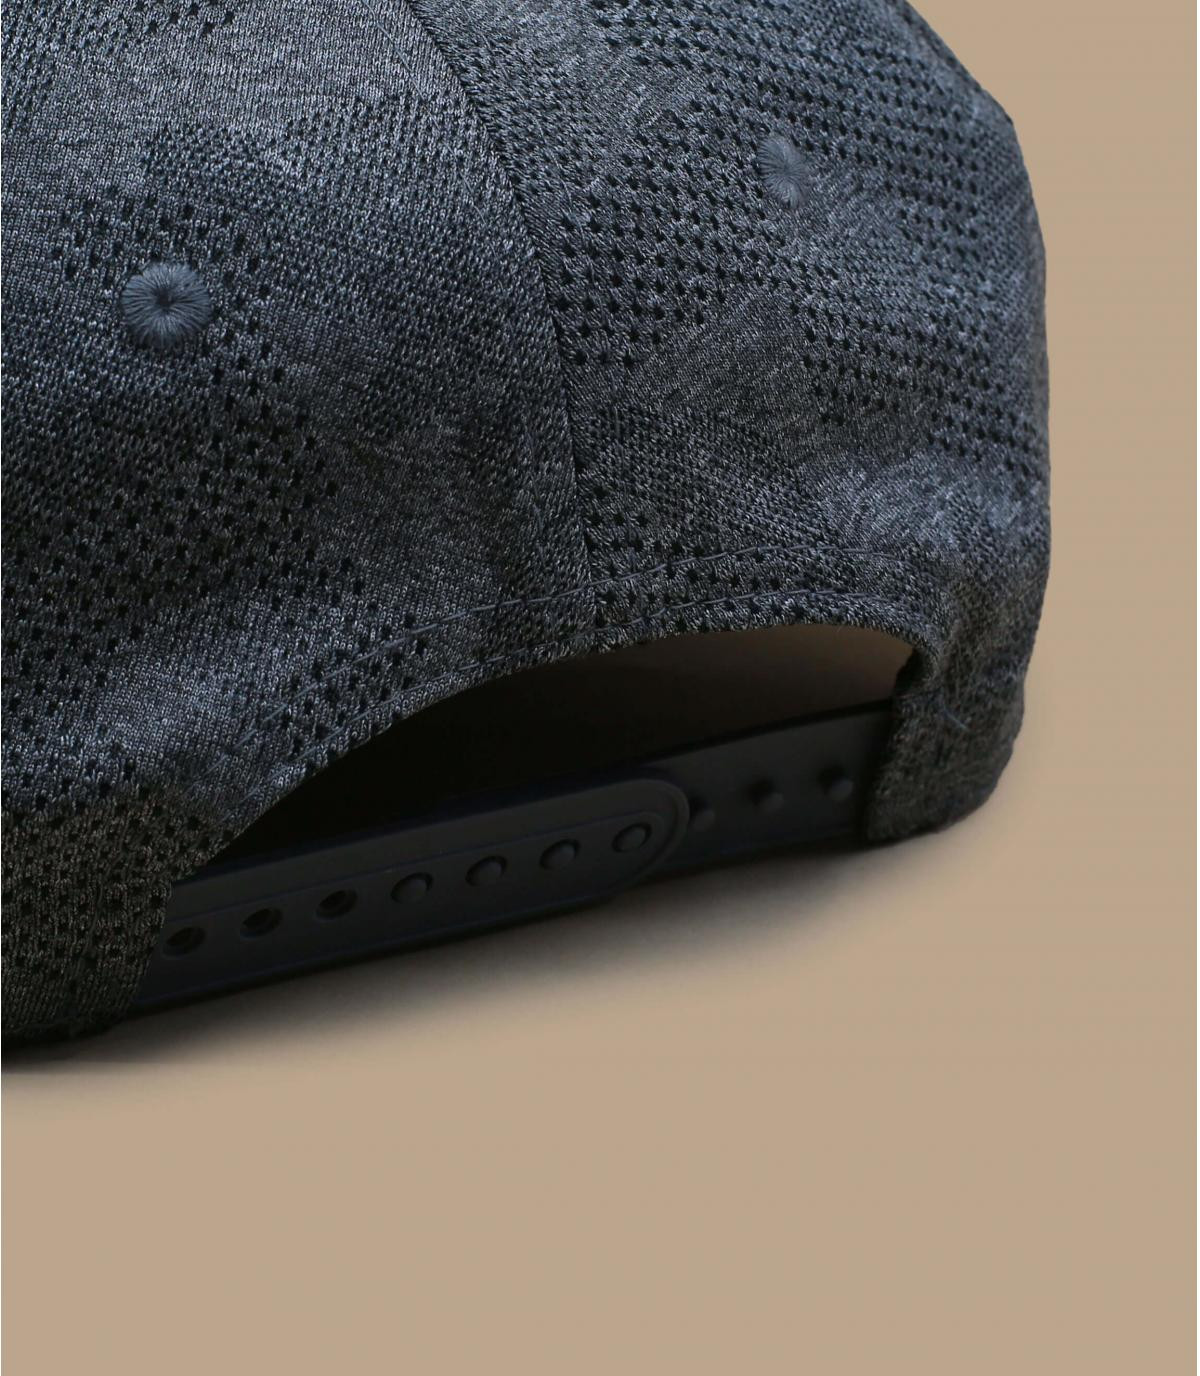 Détails Snapback Engineered Plus NY black - image 4